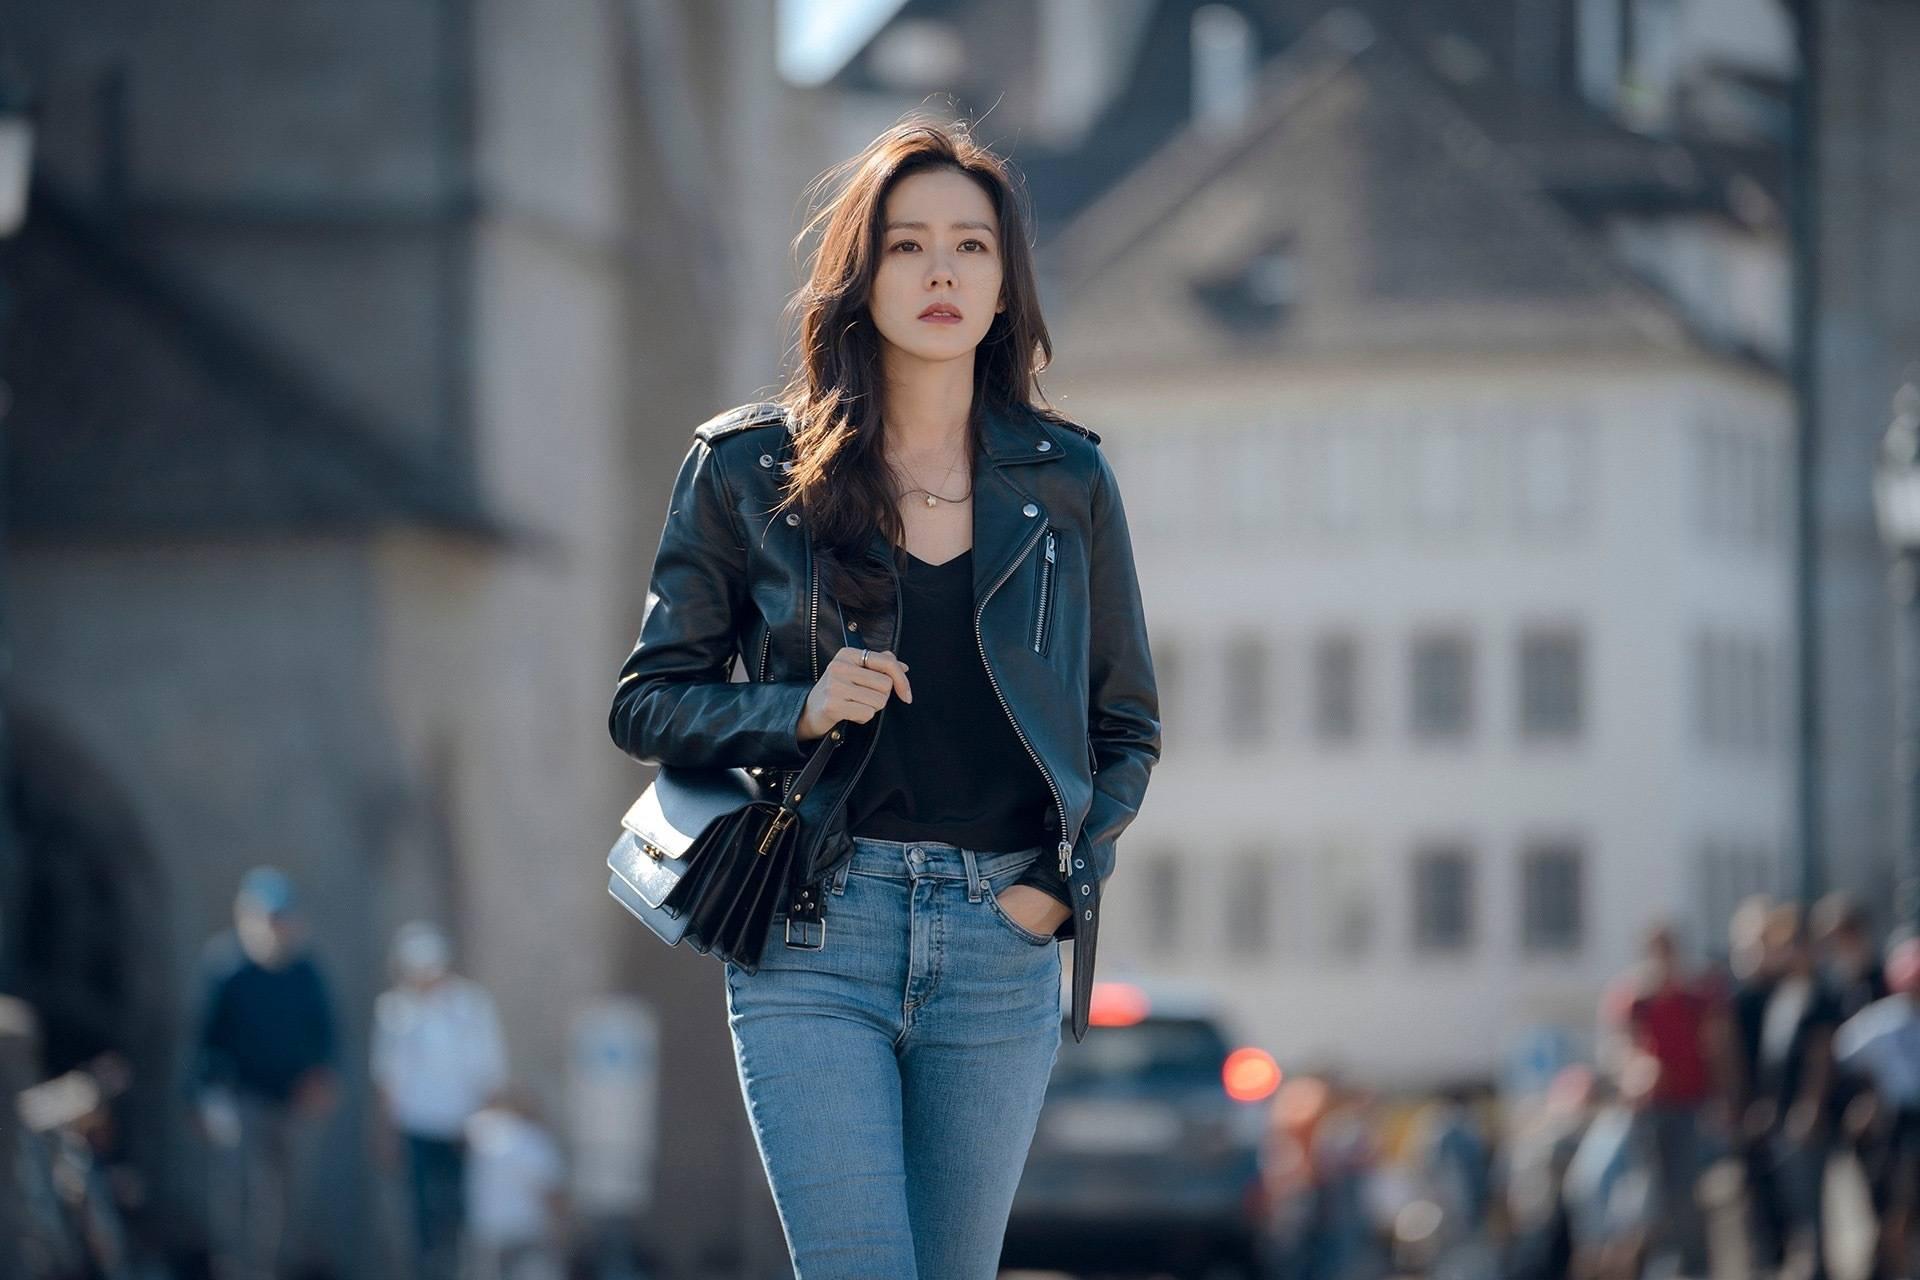 """Hạt """"sạn"""" to đùng trong Crash Landing On You khi Son Ye Jin diện lại áo cũ từ 8 năm trước: Là tiết kiệm hay có ẩn ý sâu xa - Ảnh 2."""